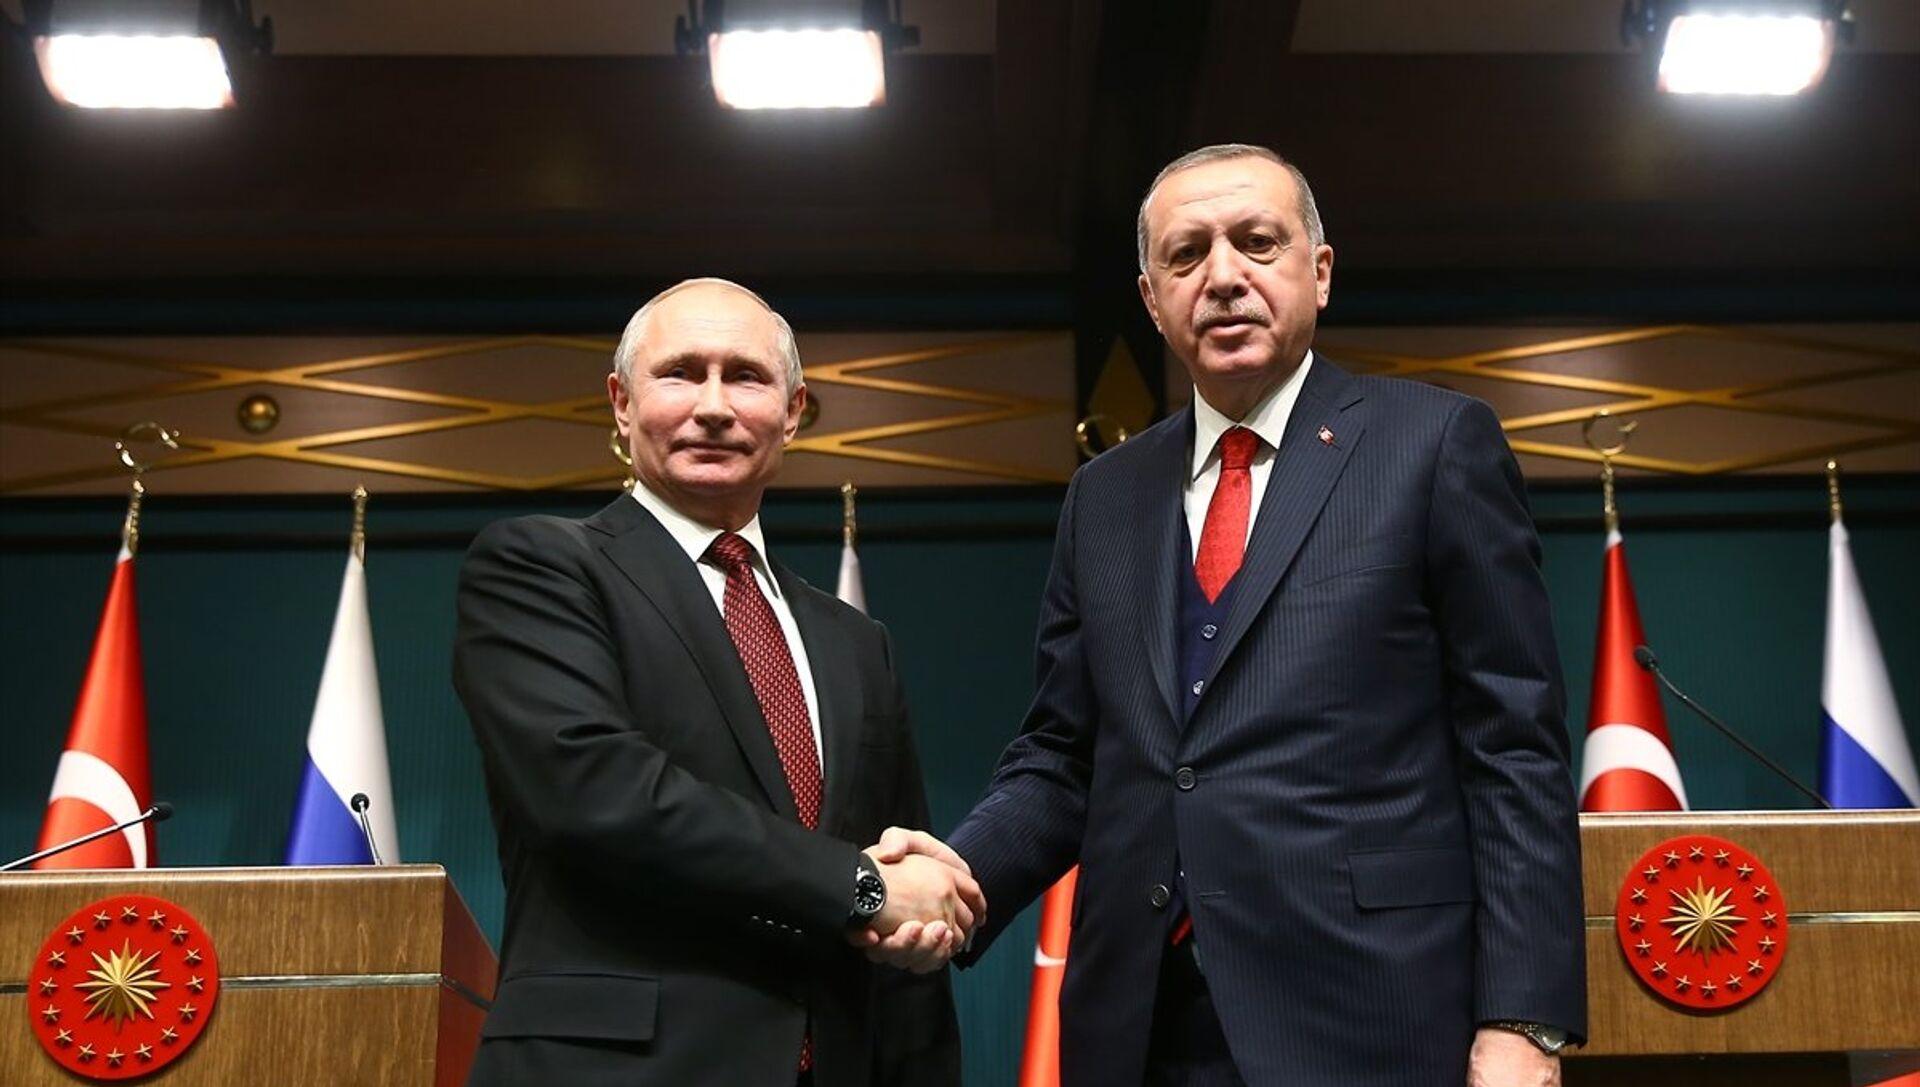 Cumhurbaşkanı Recep Tayyip Erdoğan, Cumhurbaşkanlığı Külliyesi'nde Rusya Devlet Başkanı Vladimir Putin ile baş başa ve heyetler arası görüşme geçekleştirdi - Sputnik Türkiye, 1920, 09.04.2021